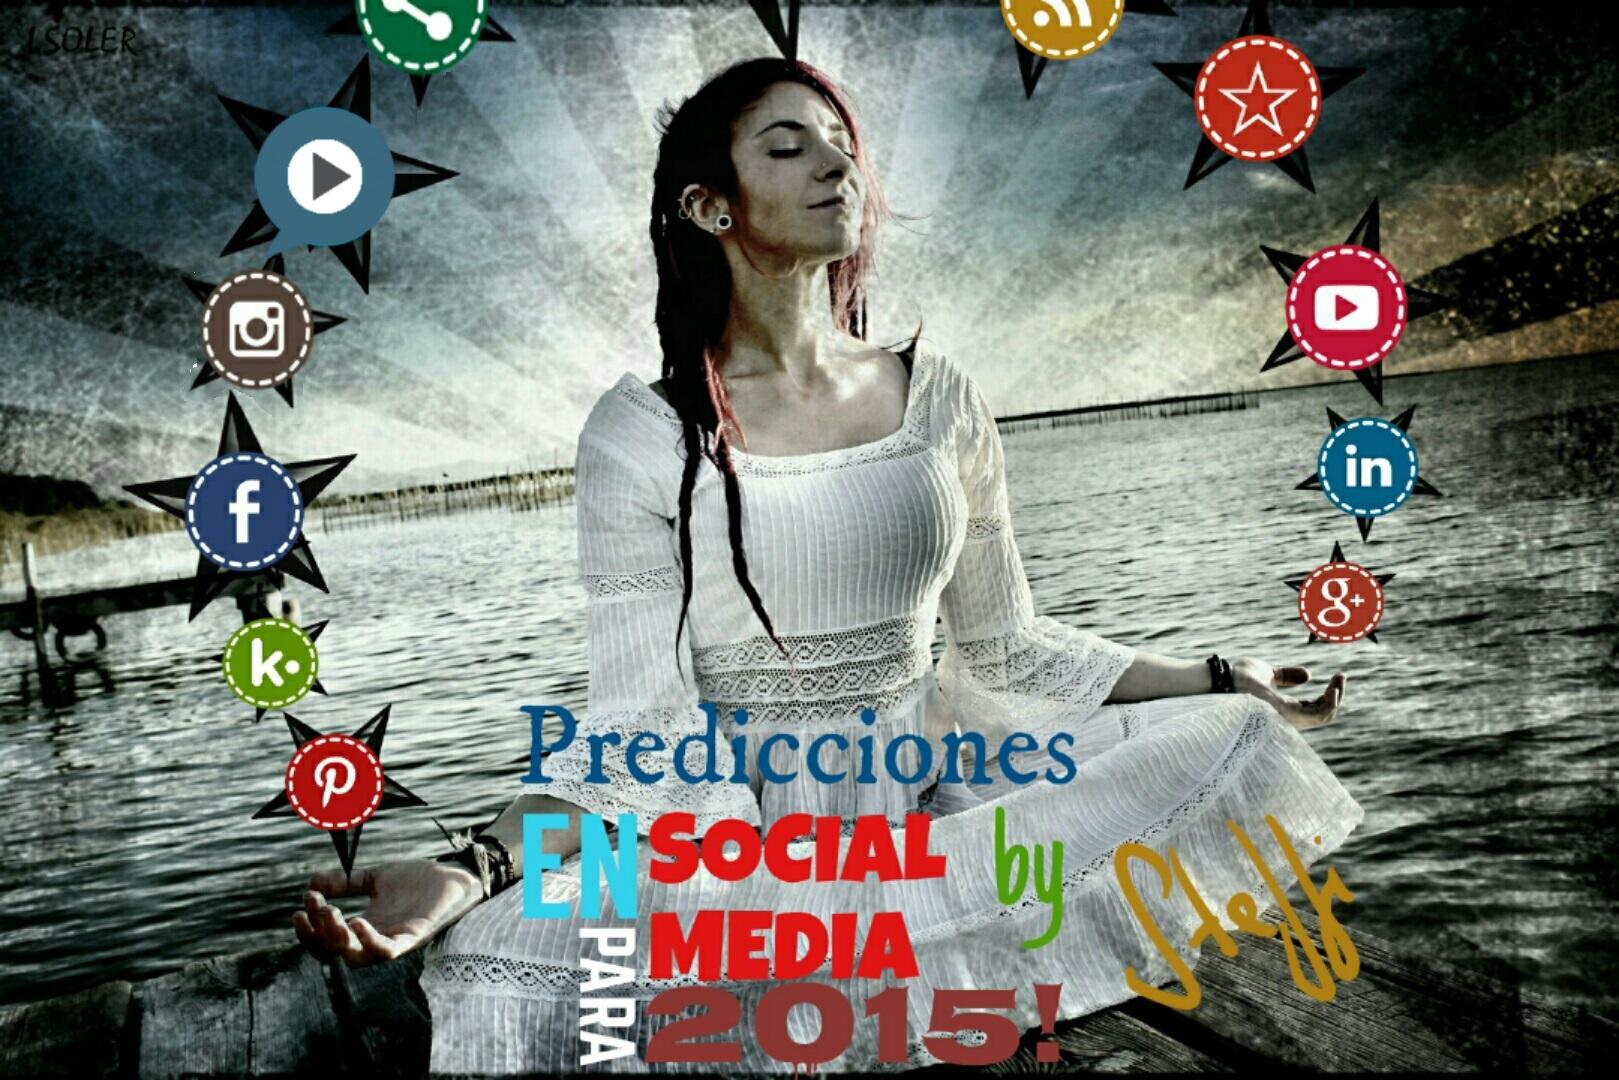 predicciones social media 2015